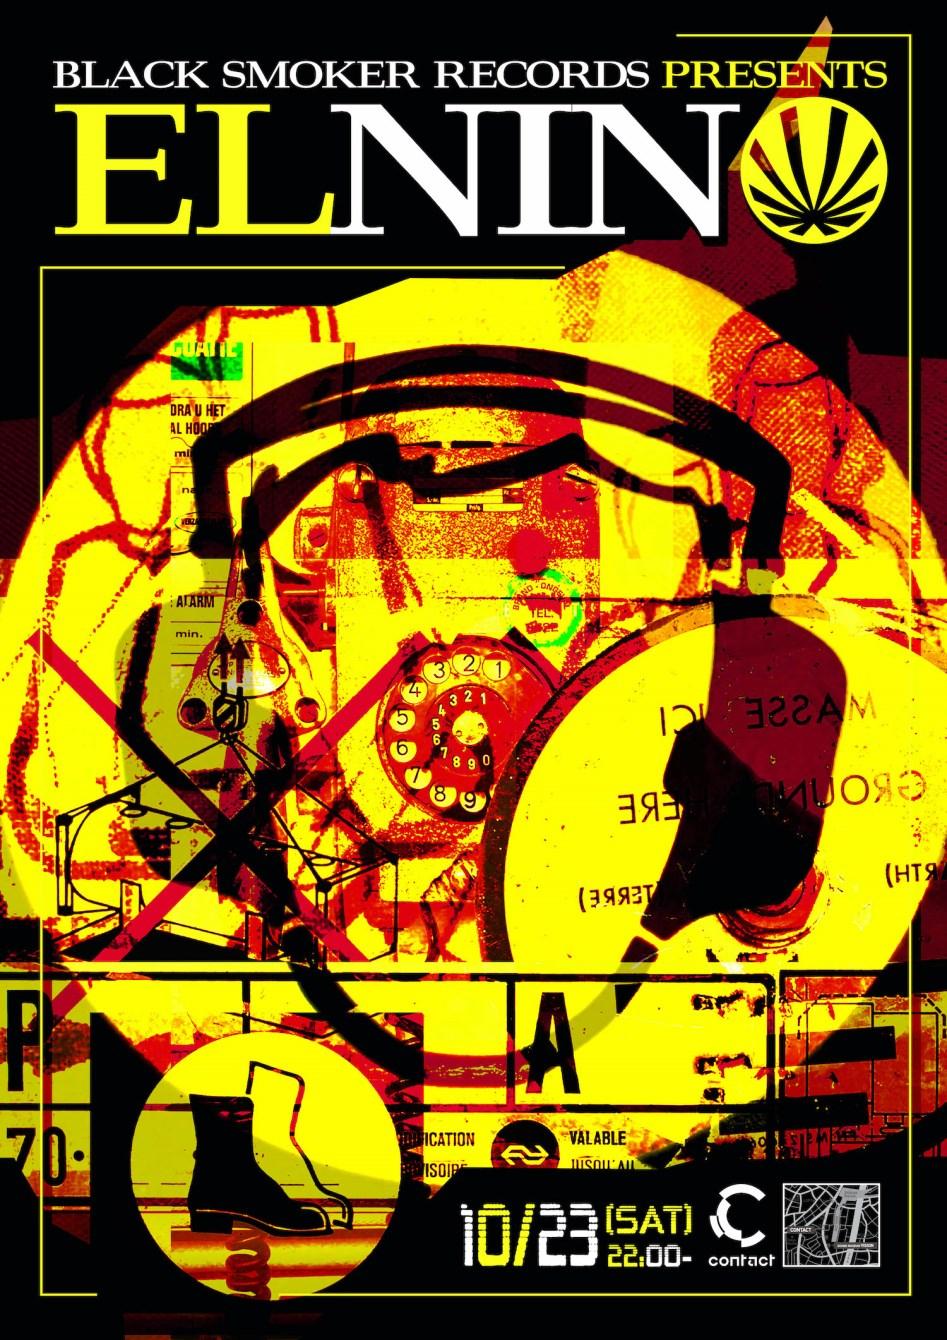 -Black Smoker Records presents- El Nino - Flyer front